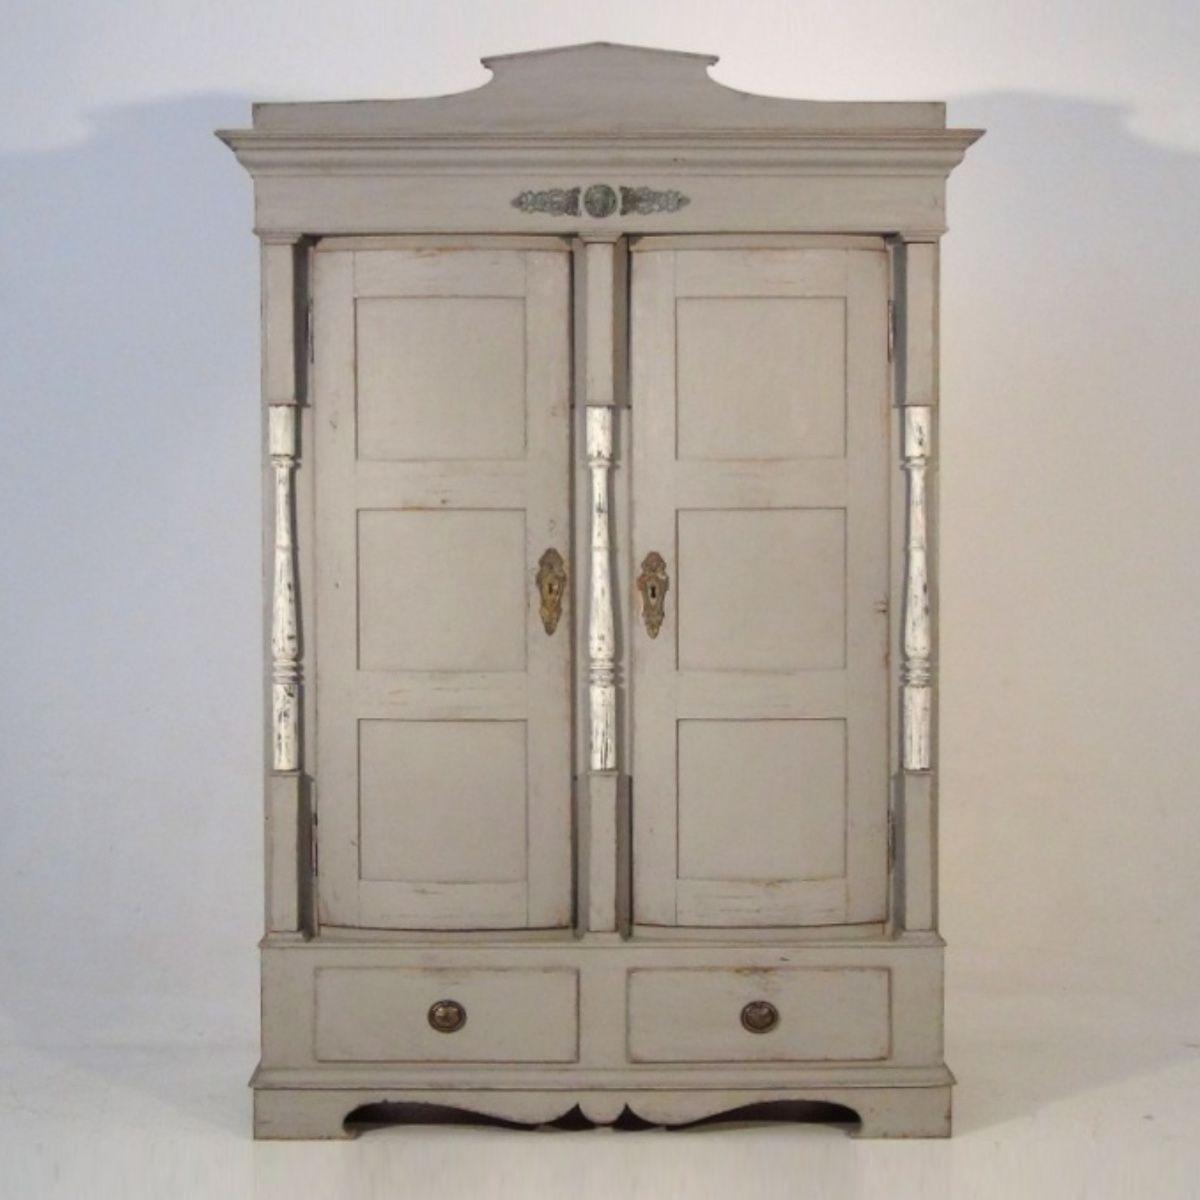 Antique Scandinavian Cabinet With Bronze Nountings C1830 Scandinavian Cabinets Antique Gustavian Antique Cupboard